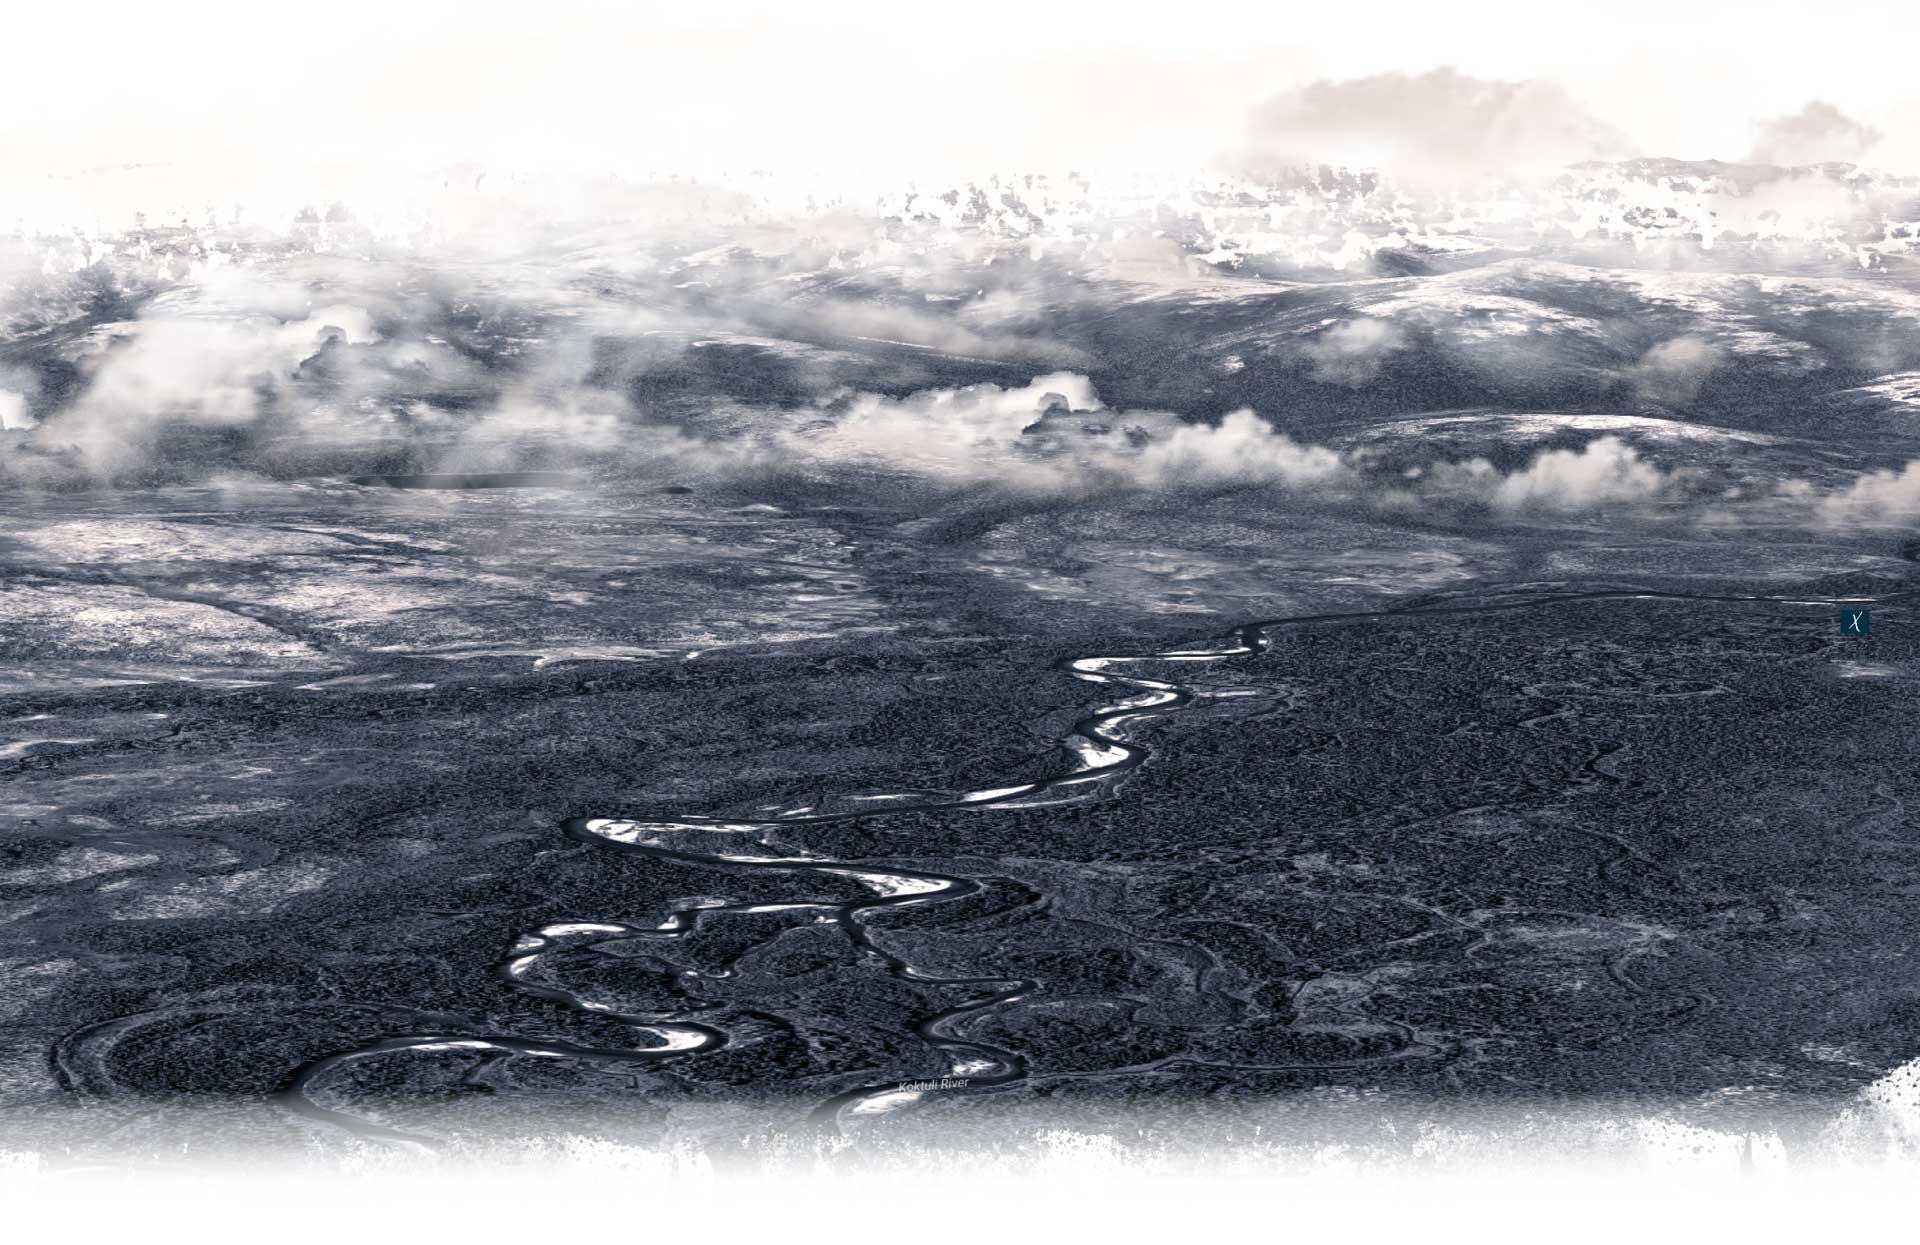 image of nushagak river